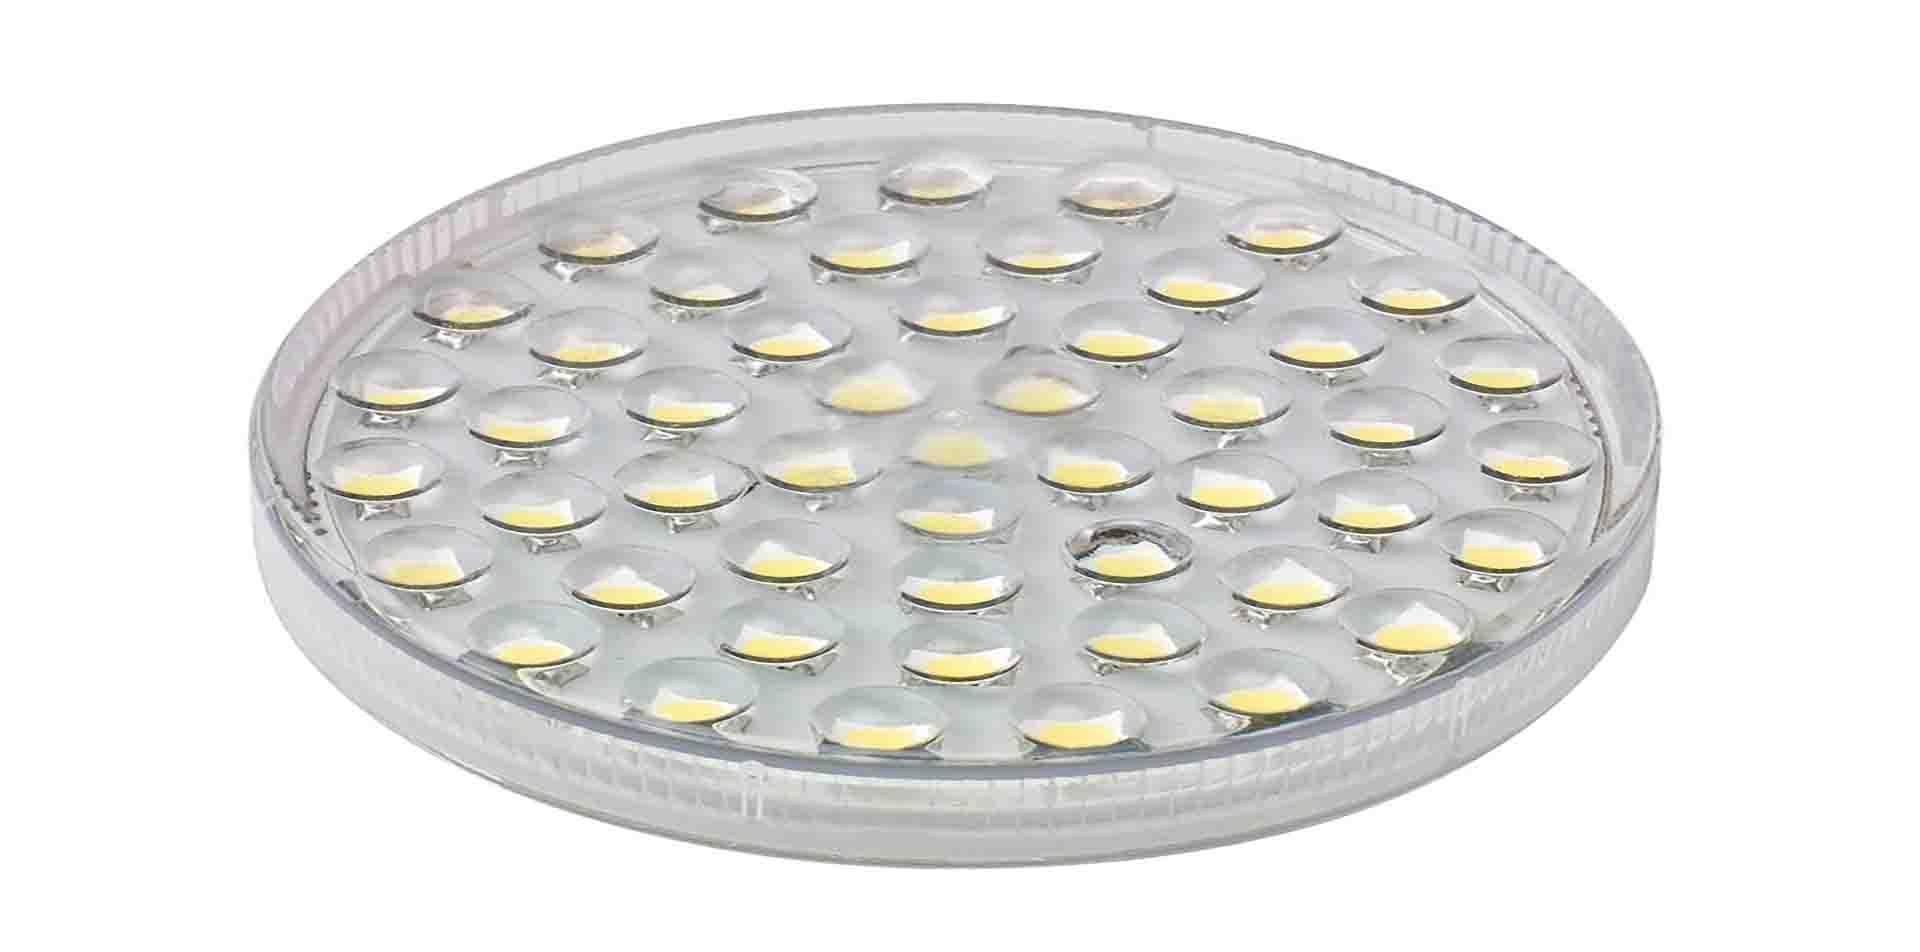 درایو لامپ اس ام دی | سولوس مارکت